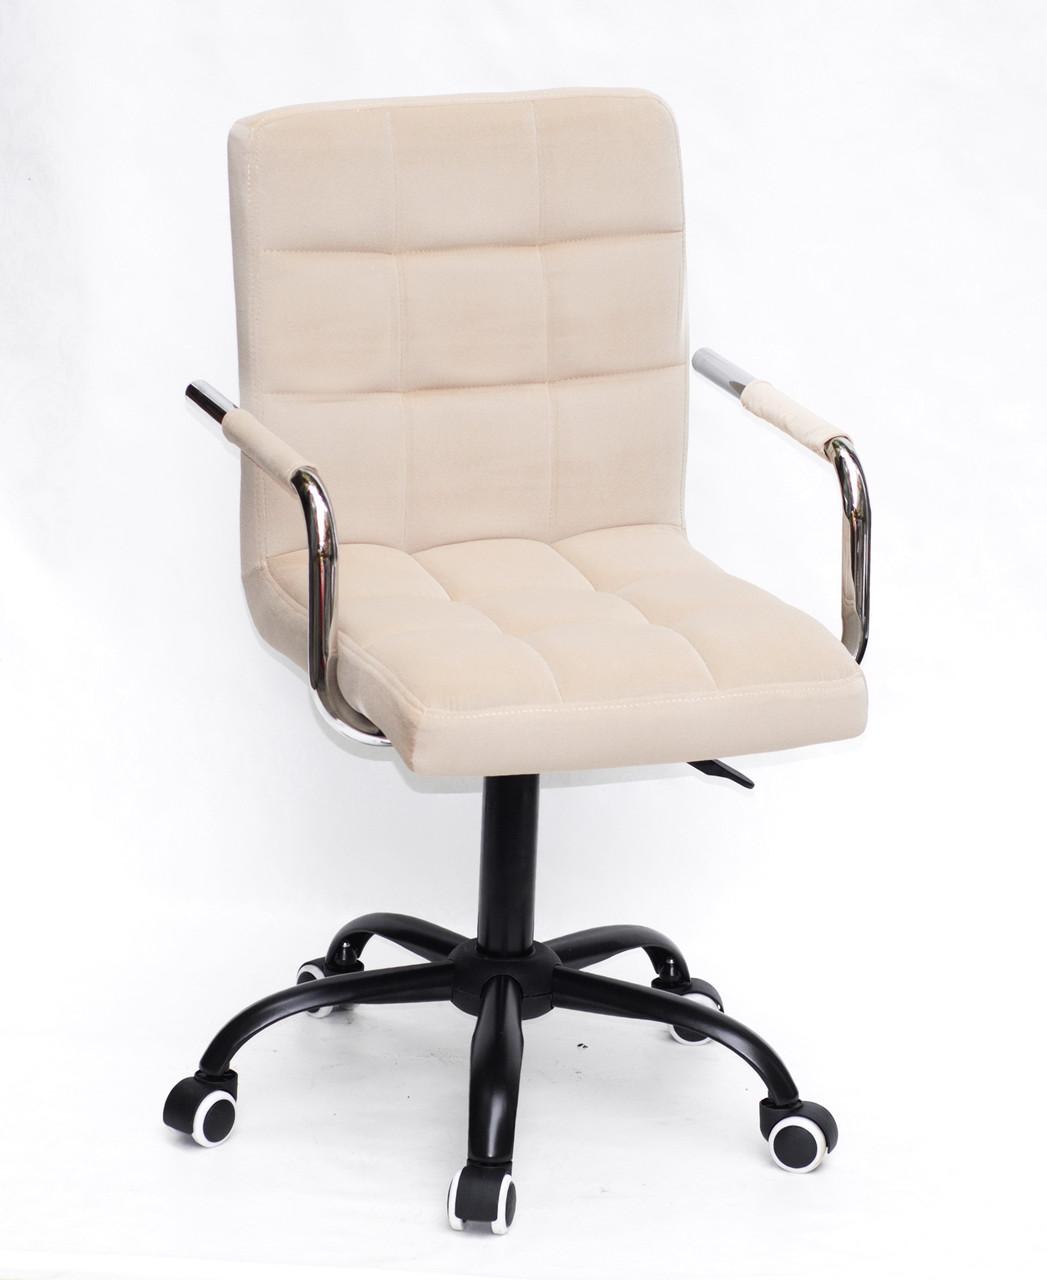 Роскошное бежевое бархатное кресло AUGUSTO - ARM BK-OFFICE на колесиках в черной раме